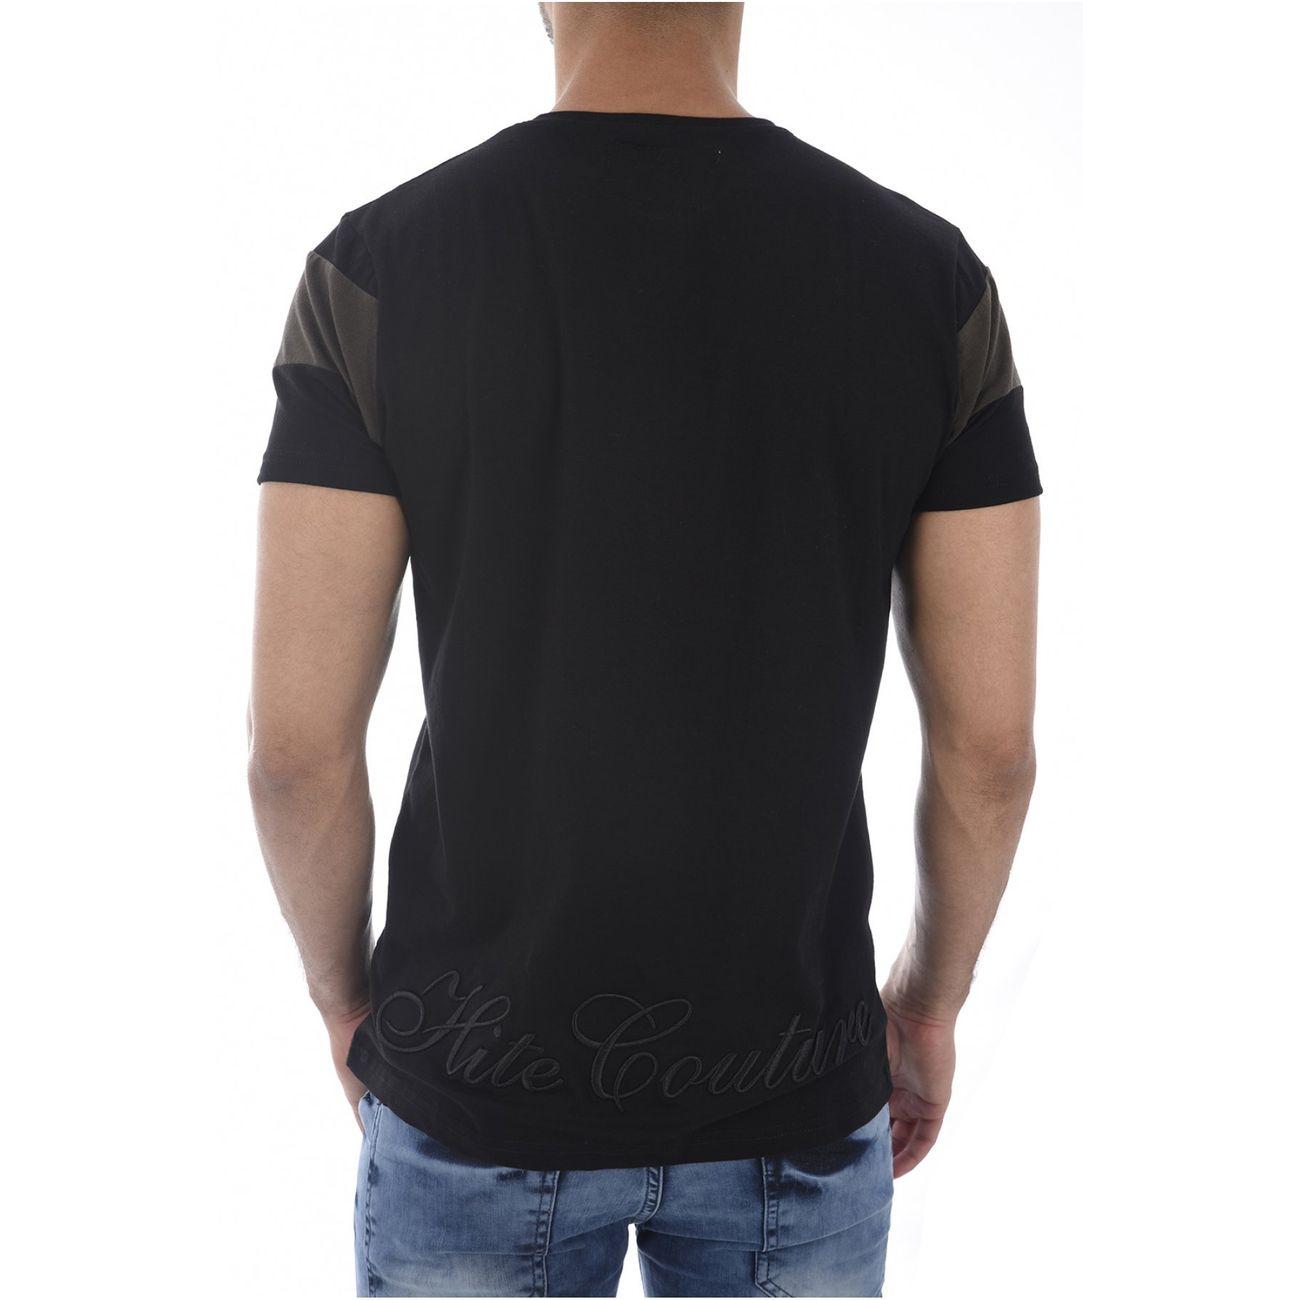 Couture ModeLifestyle Black Hite Tee Homme Mixer kaki Mc w8OPkXnN0